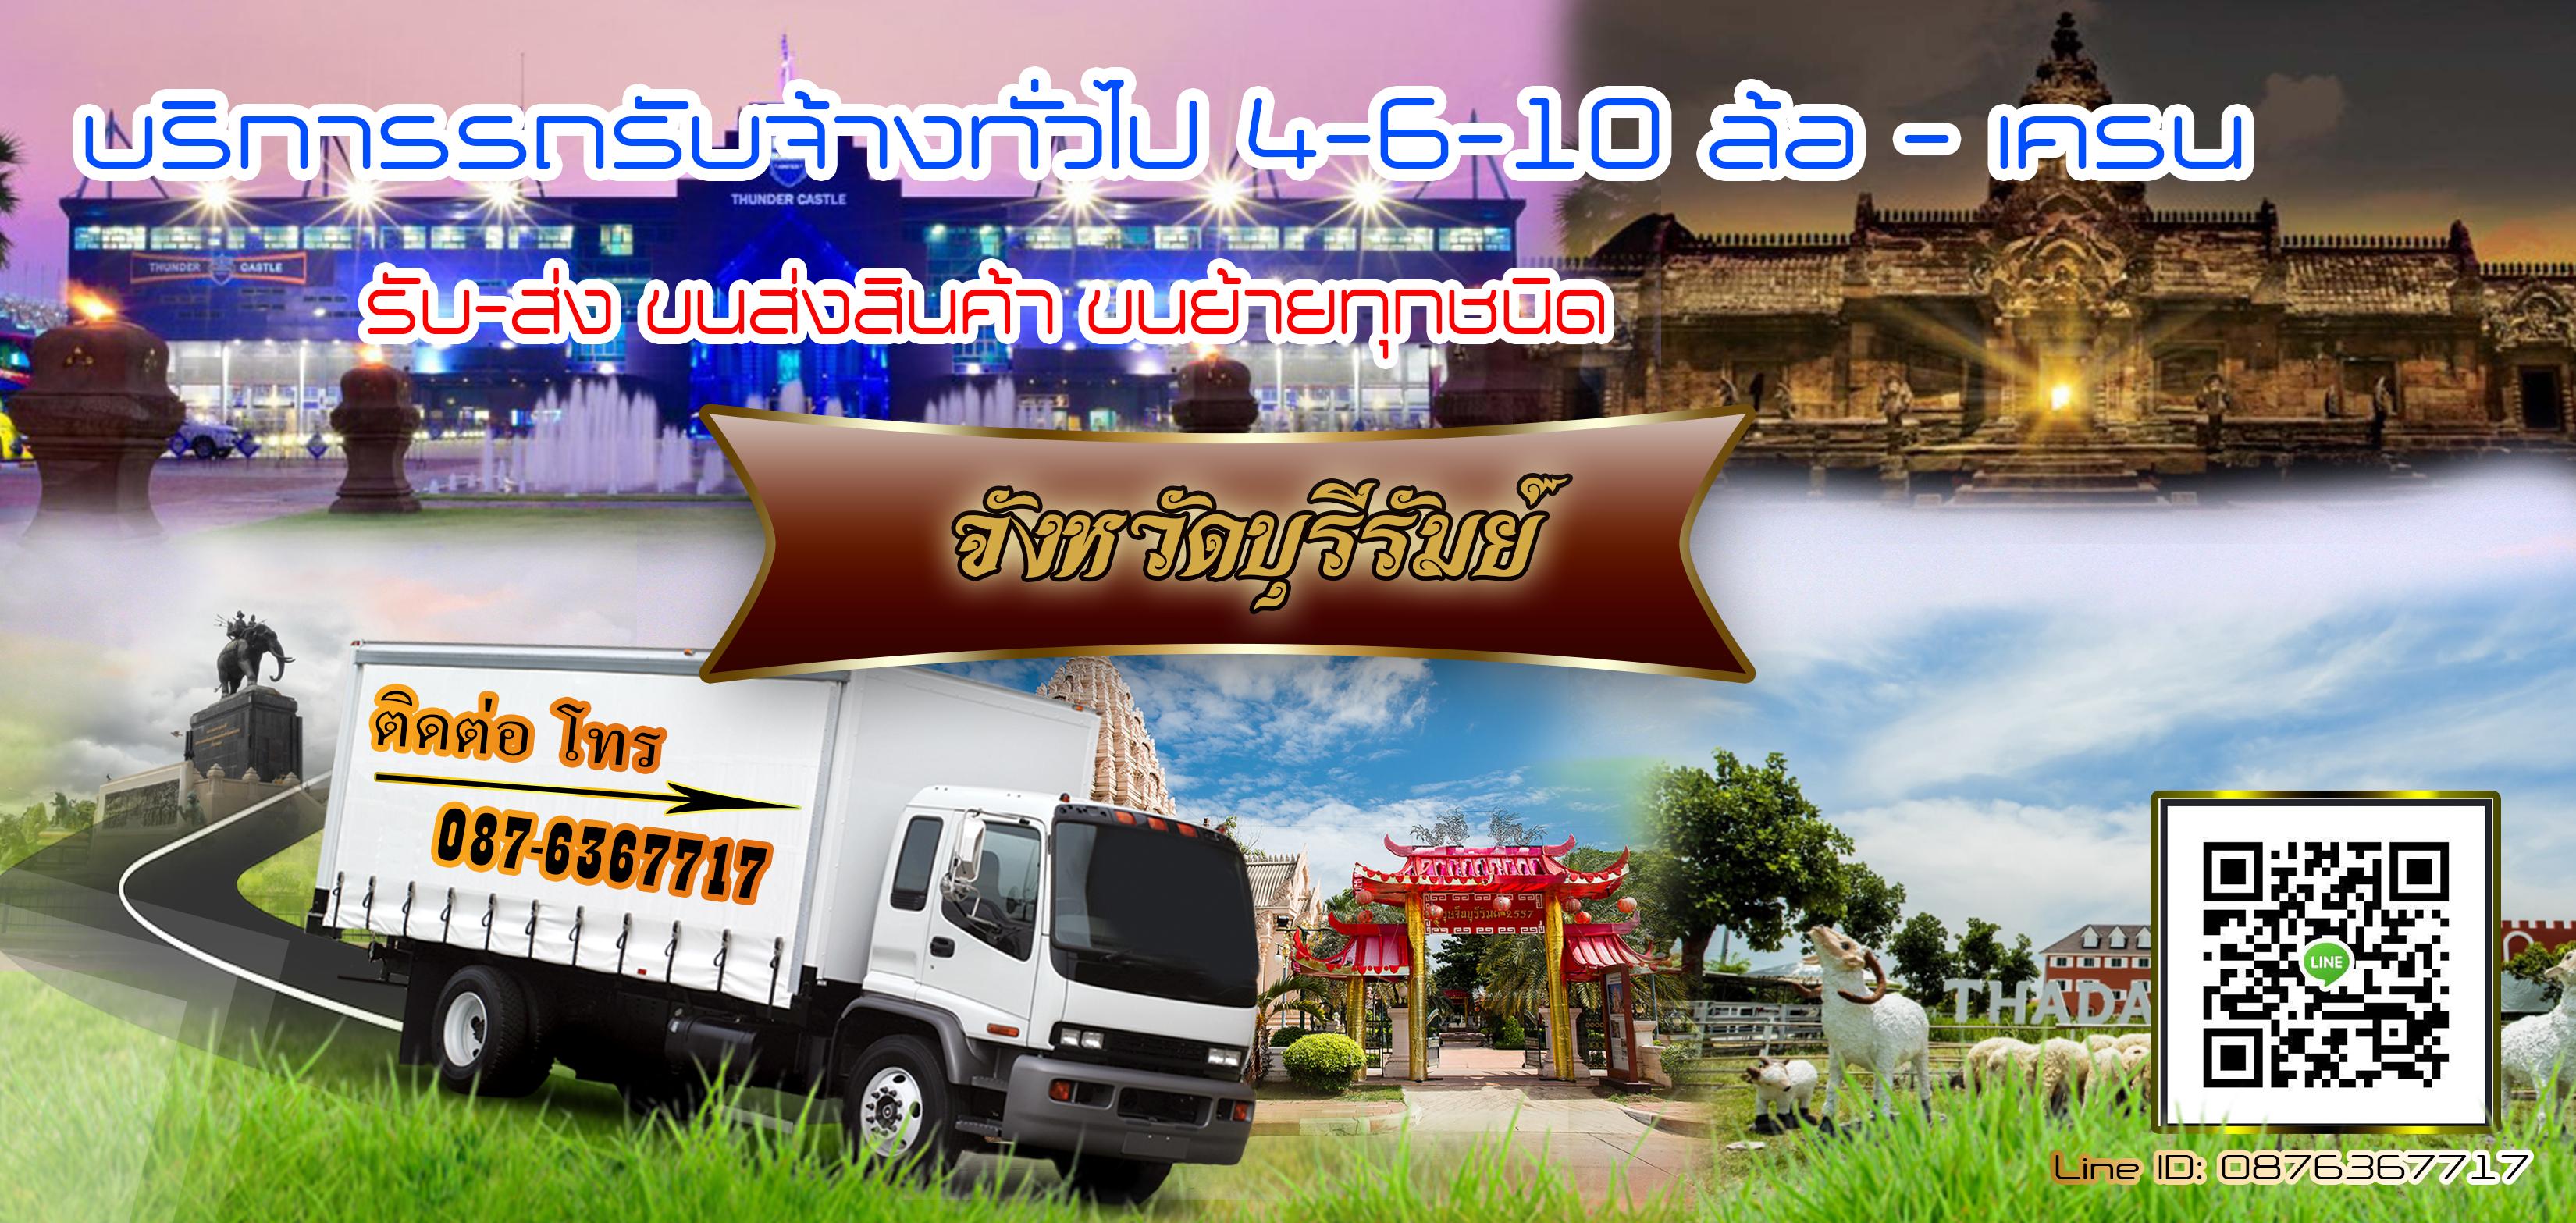 รถรับจ้างในจังหวัดบุรีรัมย์